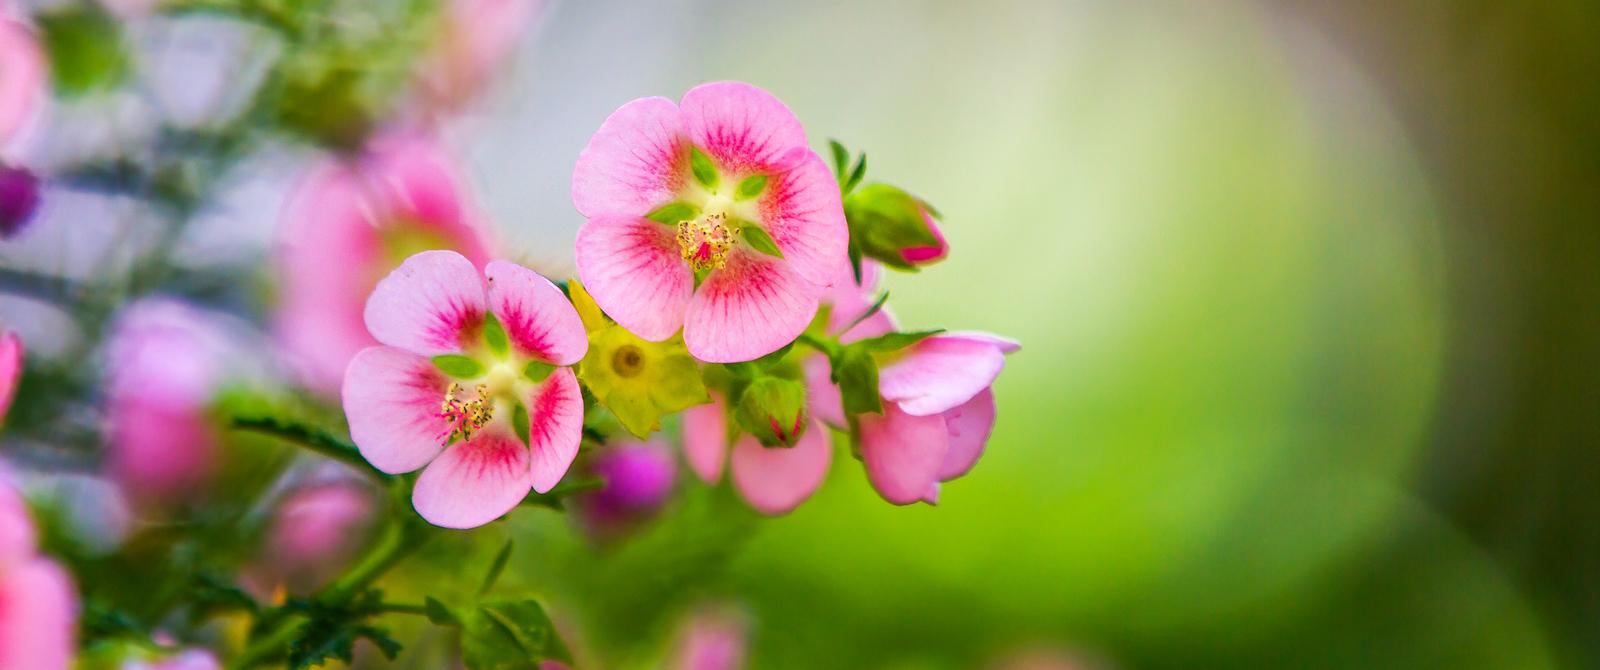 送上鲜花,祝母亲节快乐